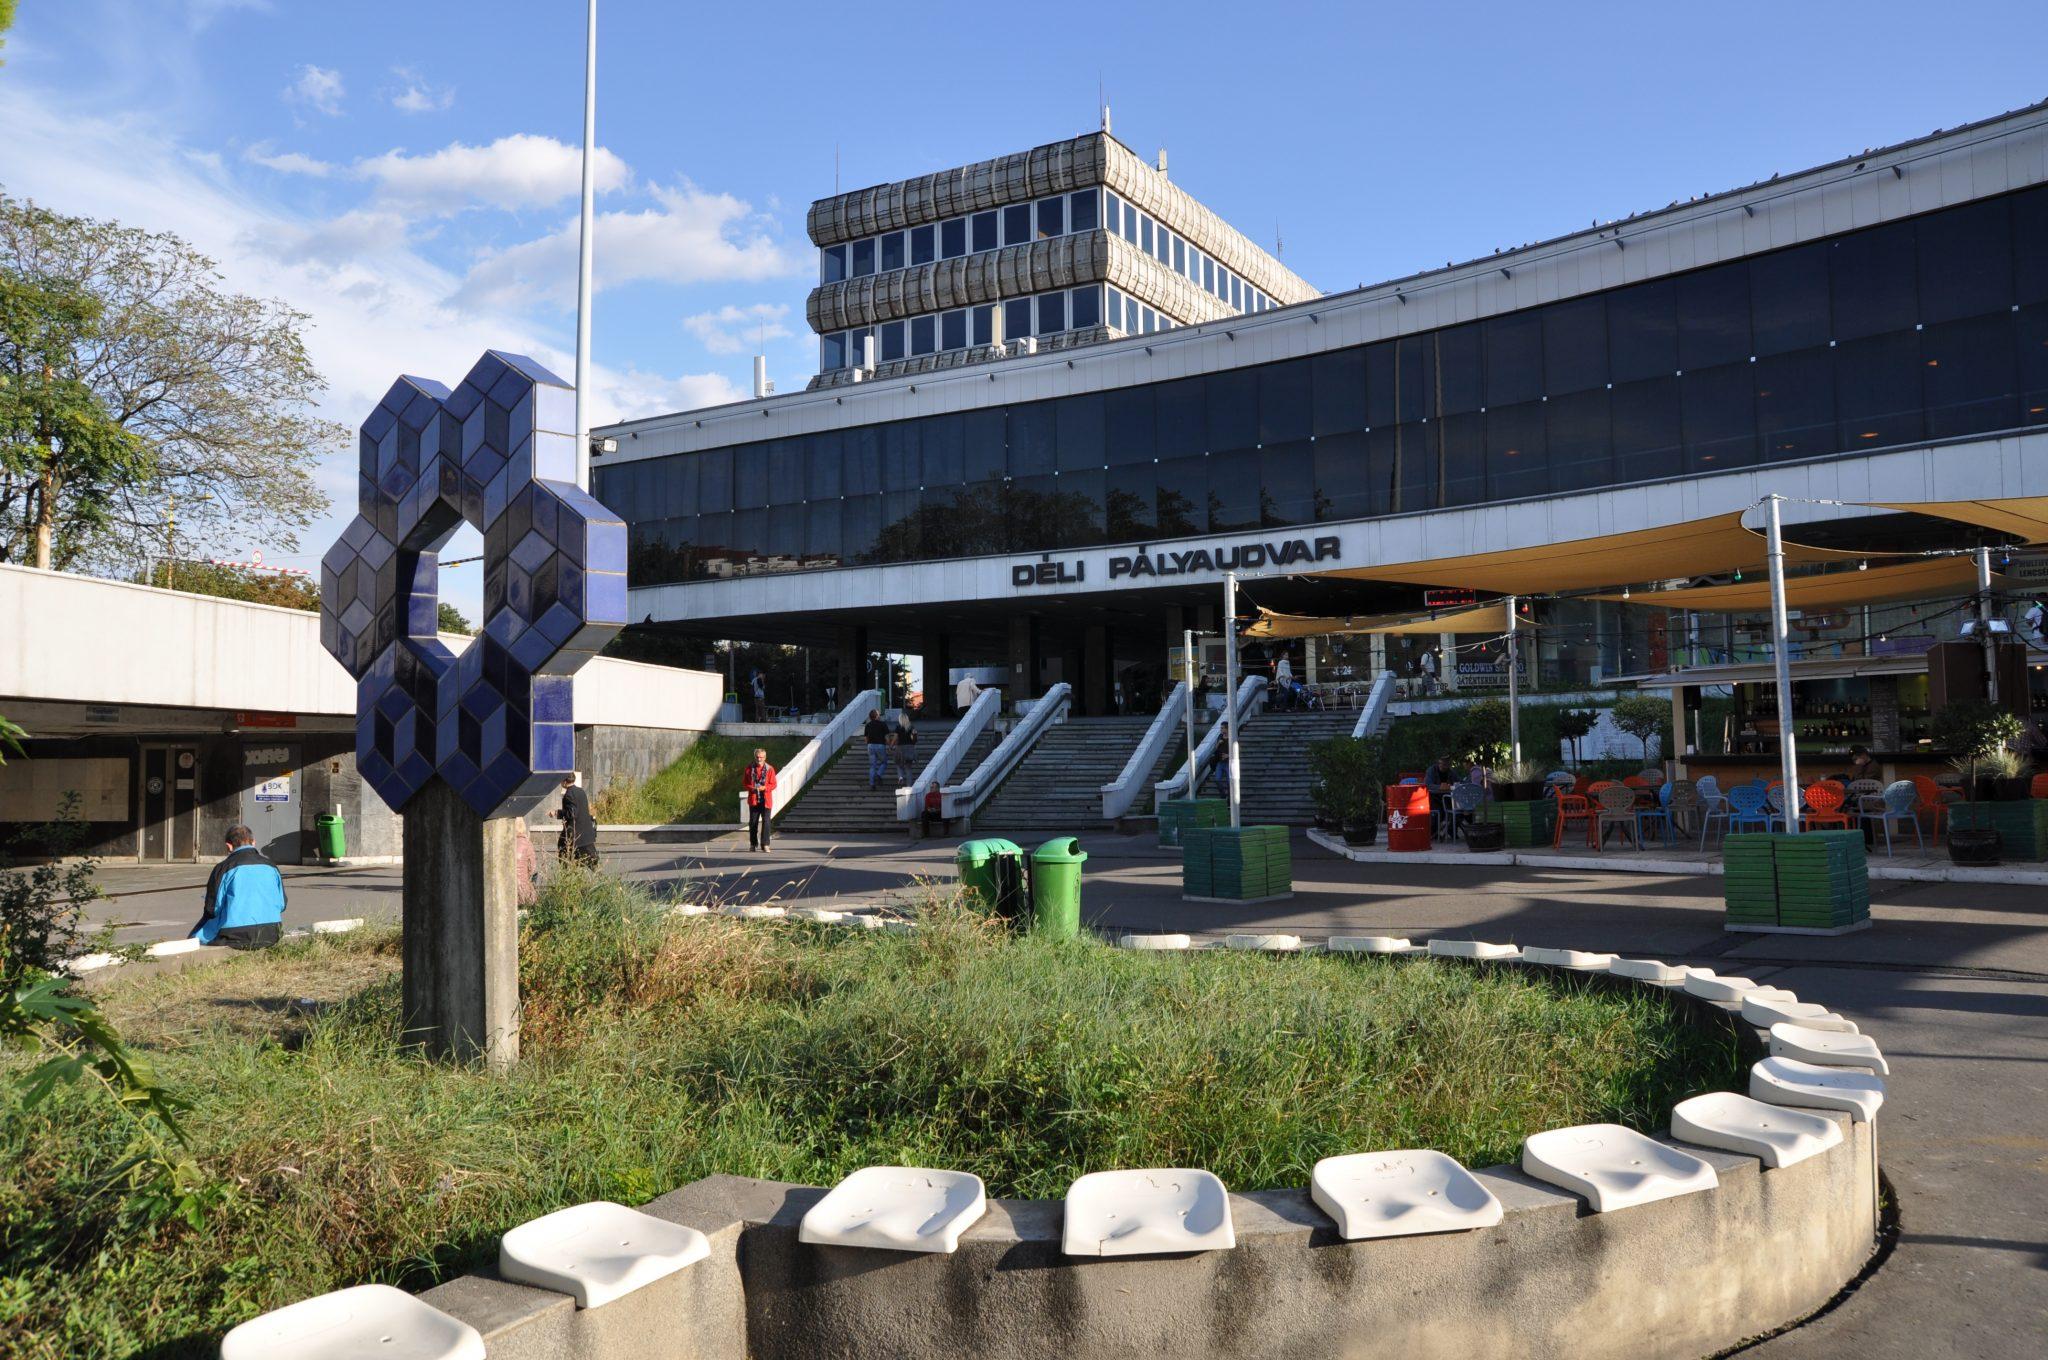 Déli Pályaudvar Railway Station